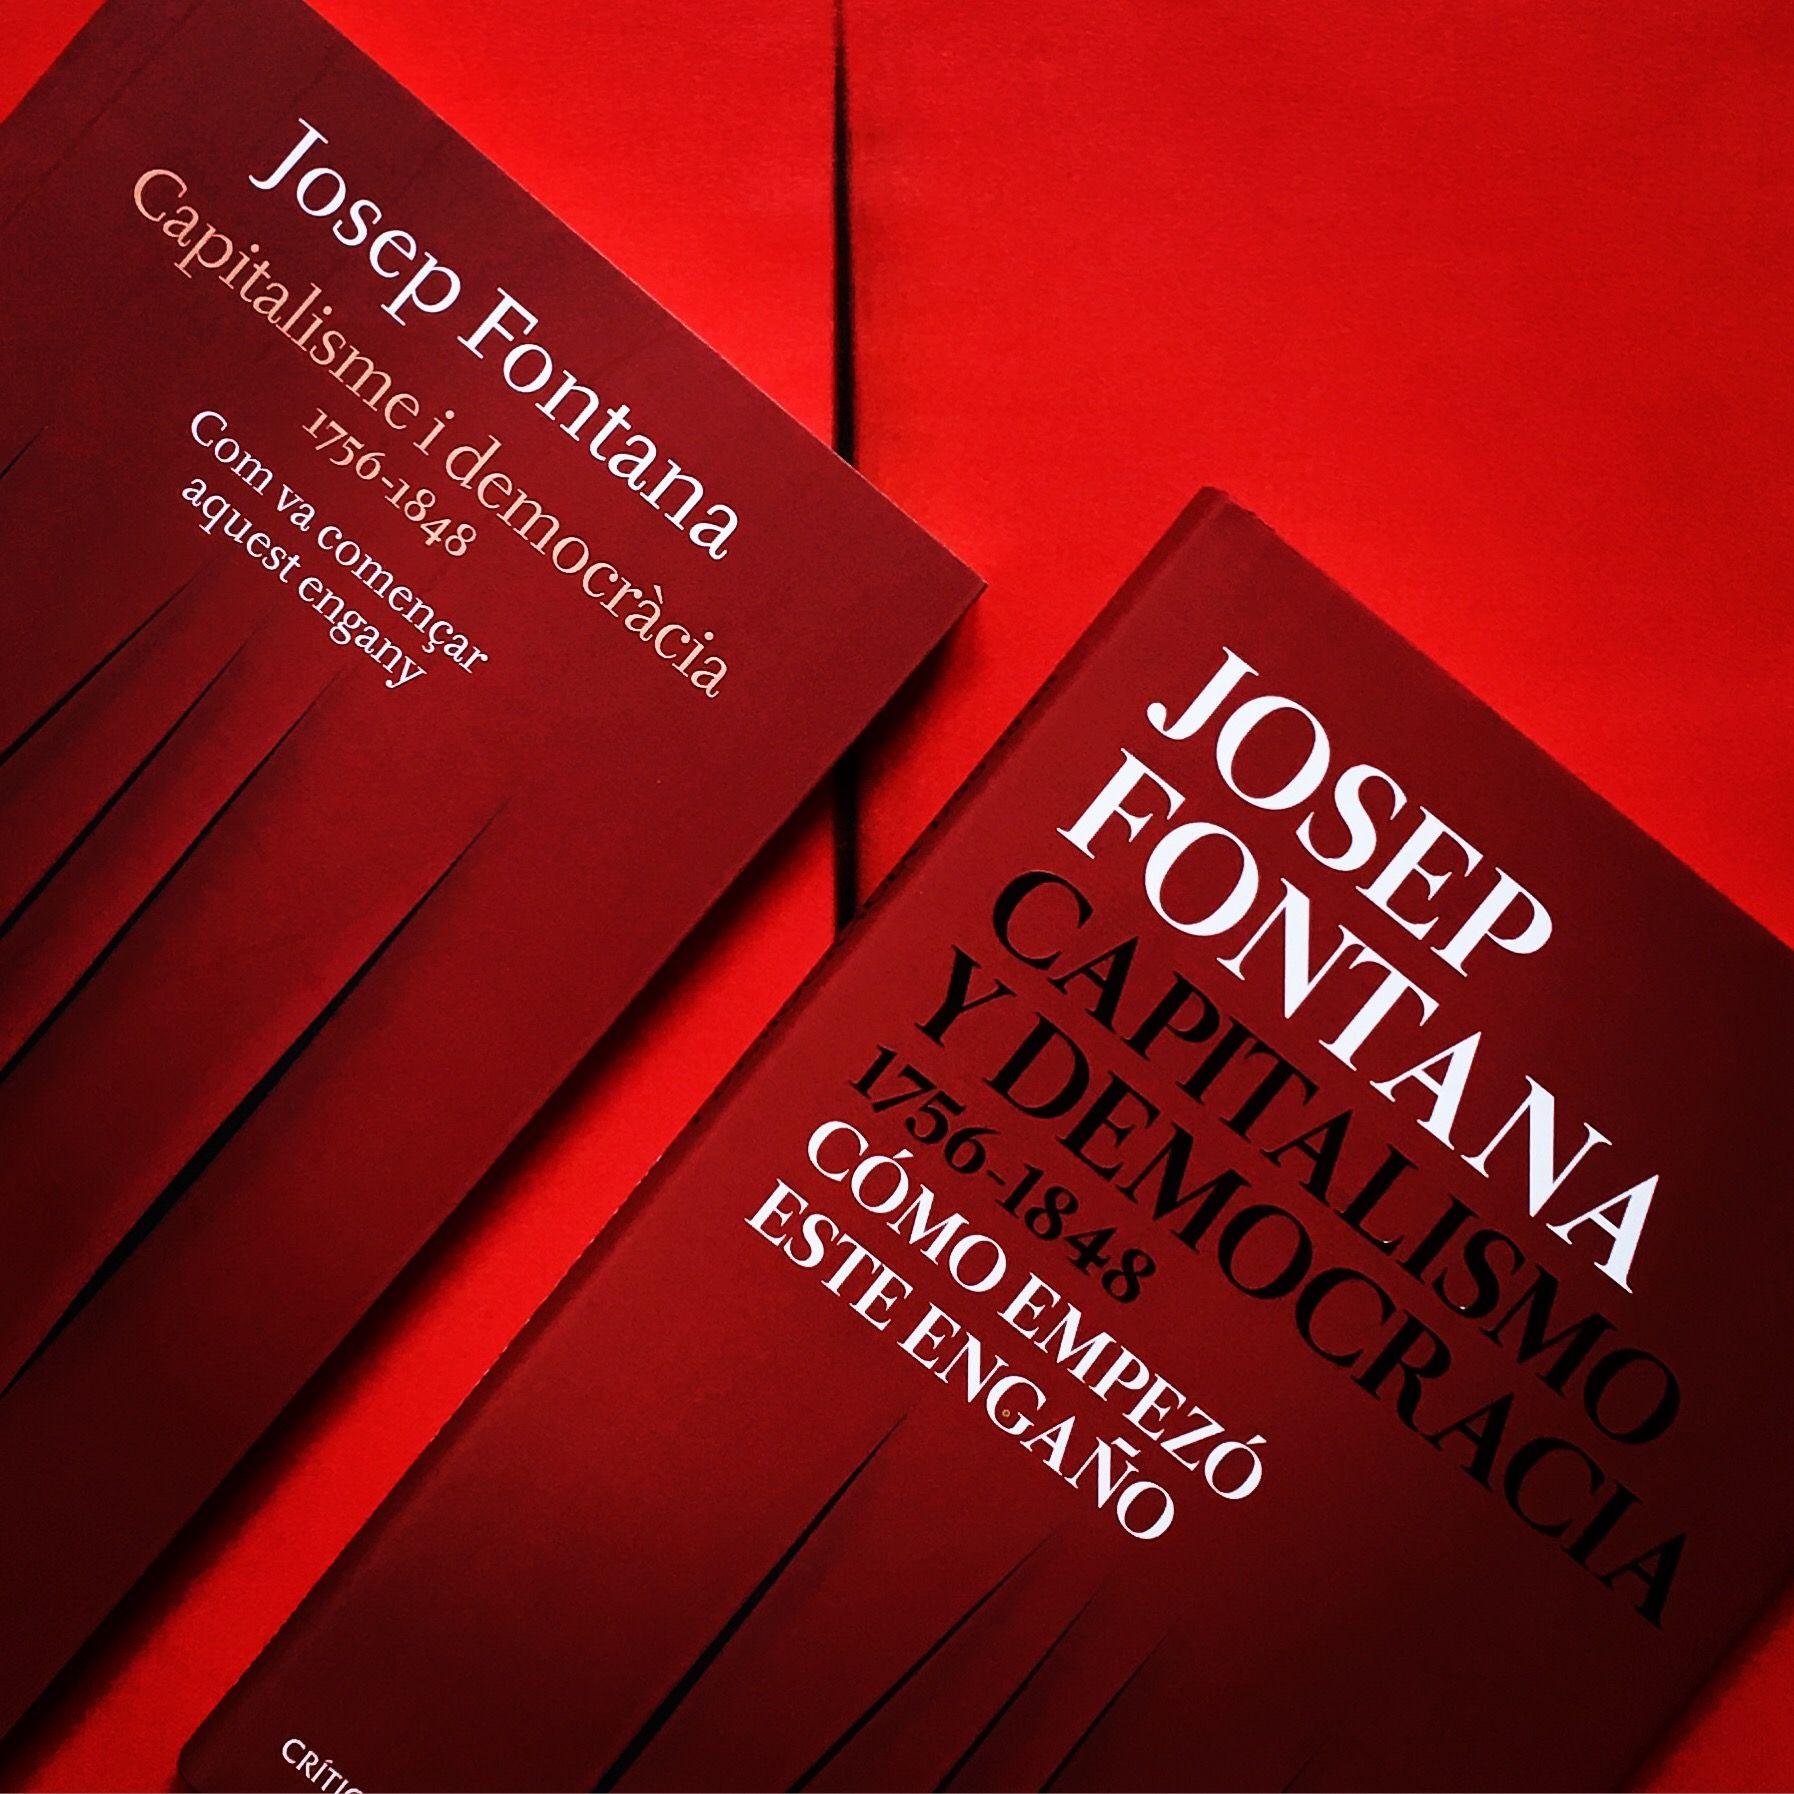 Ressenya de 'Capitalisme i democràcia 1756-1848. Com va començar aquest engany', de Josep Fontana